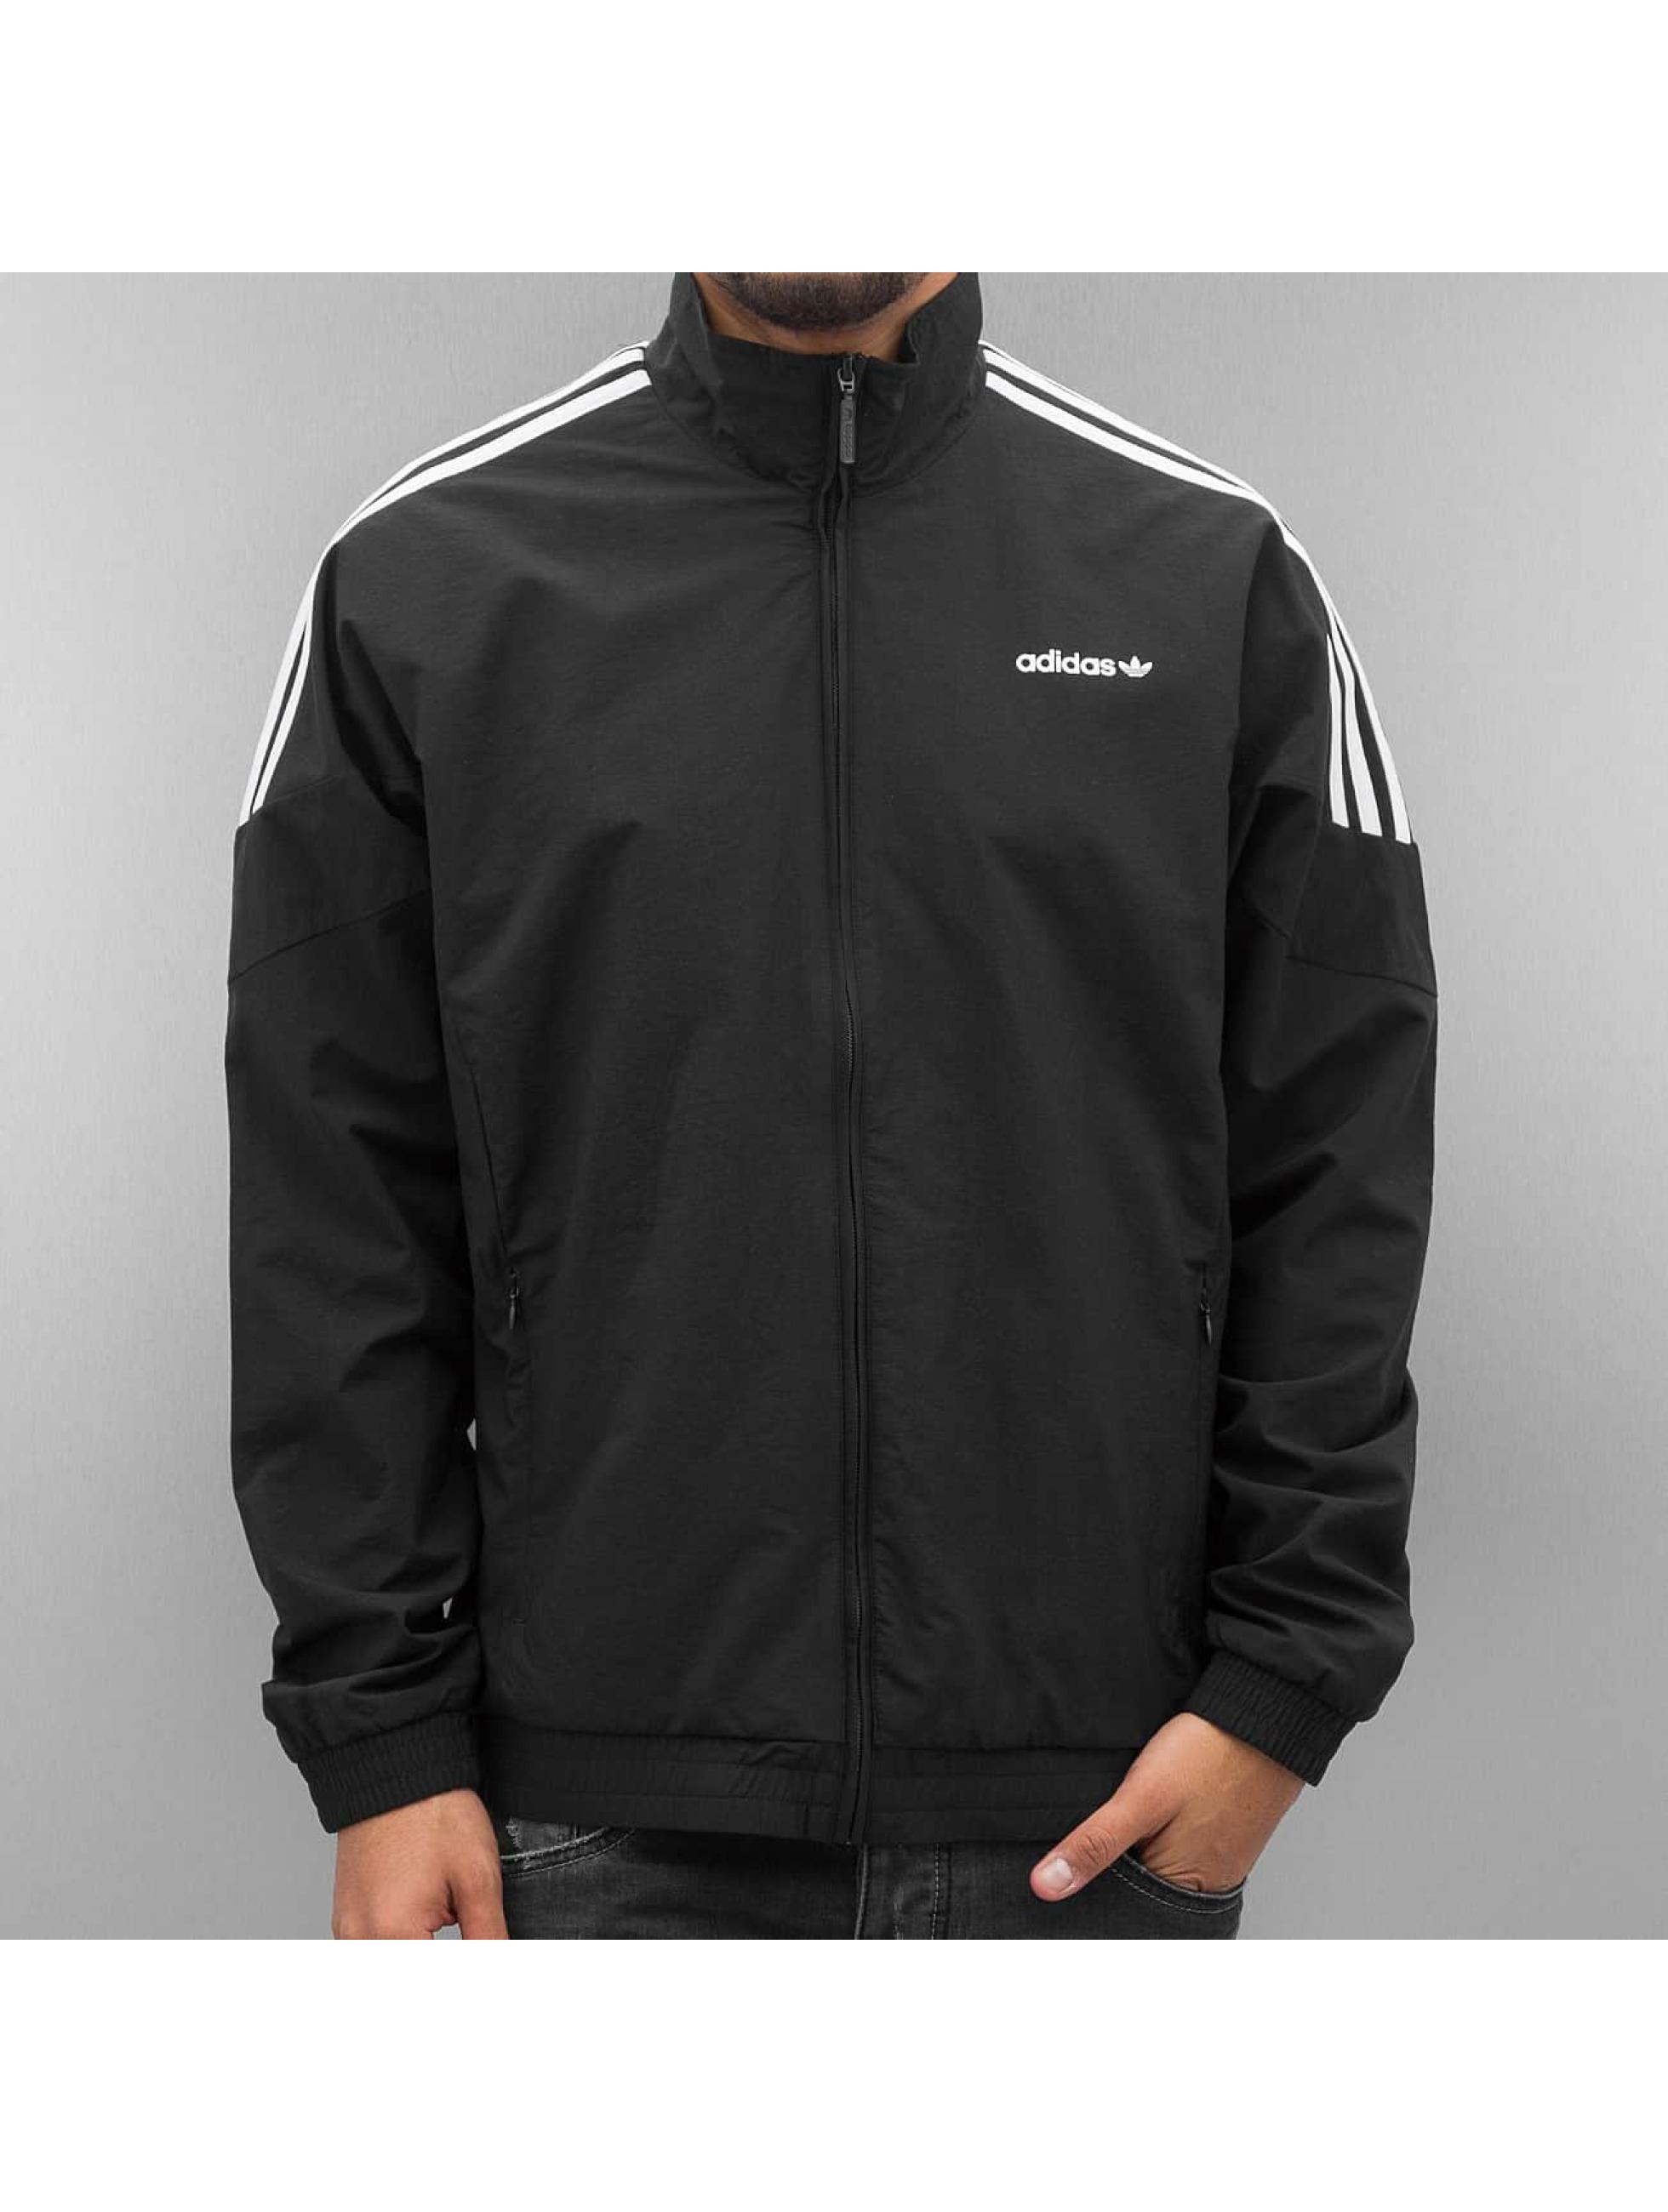 Schwarz Roten Beliebte Trainingsjacke – Streifen Mit Jacken